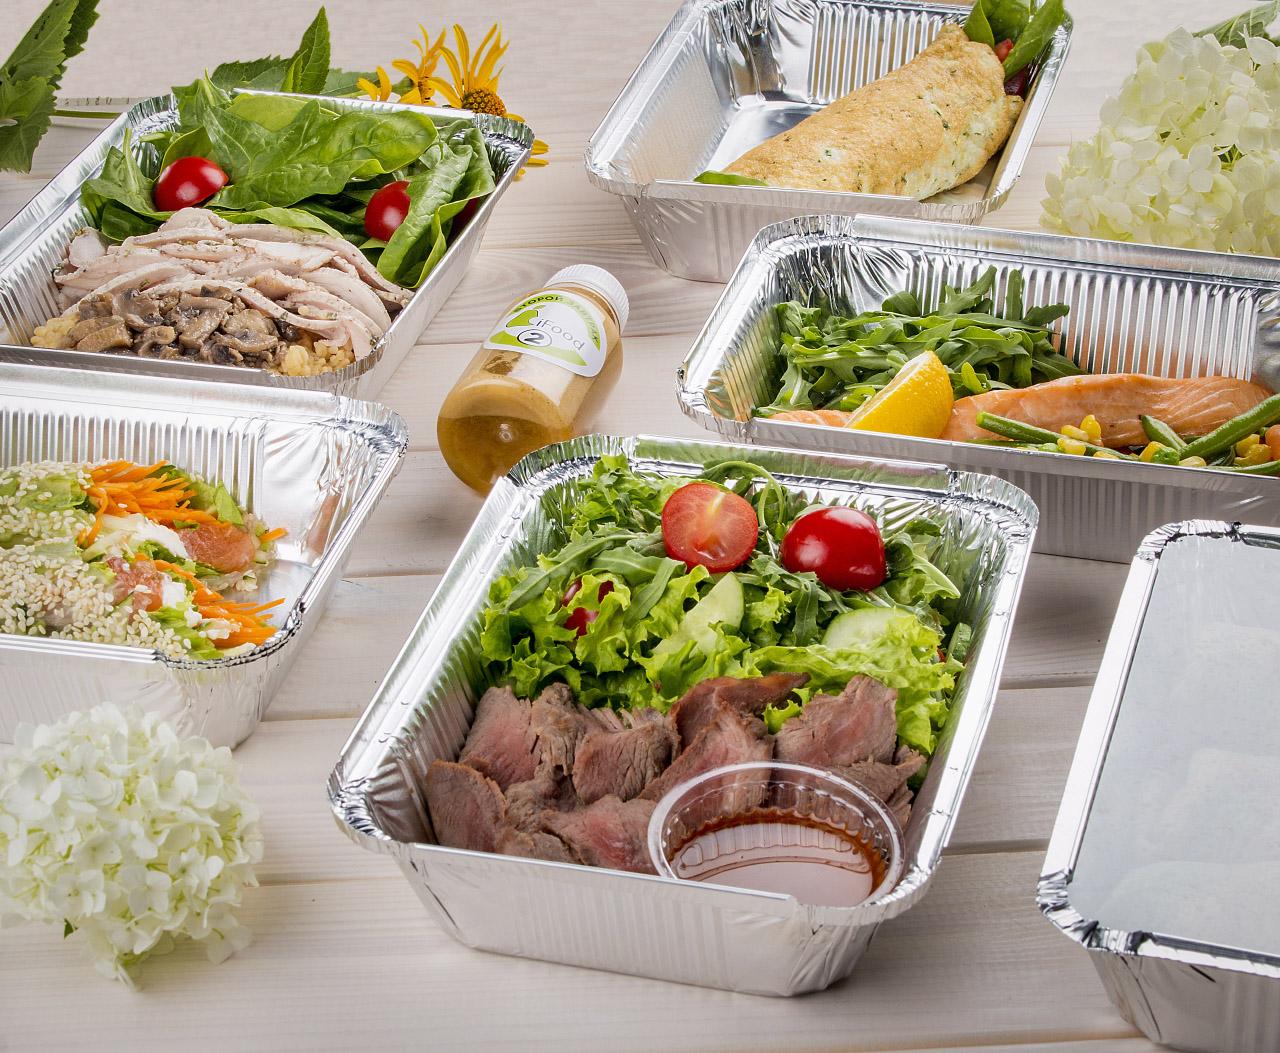 Индивидуальное меню. Готовка и доставка еды по Харькову